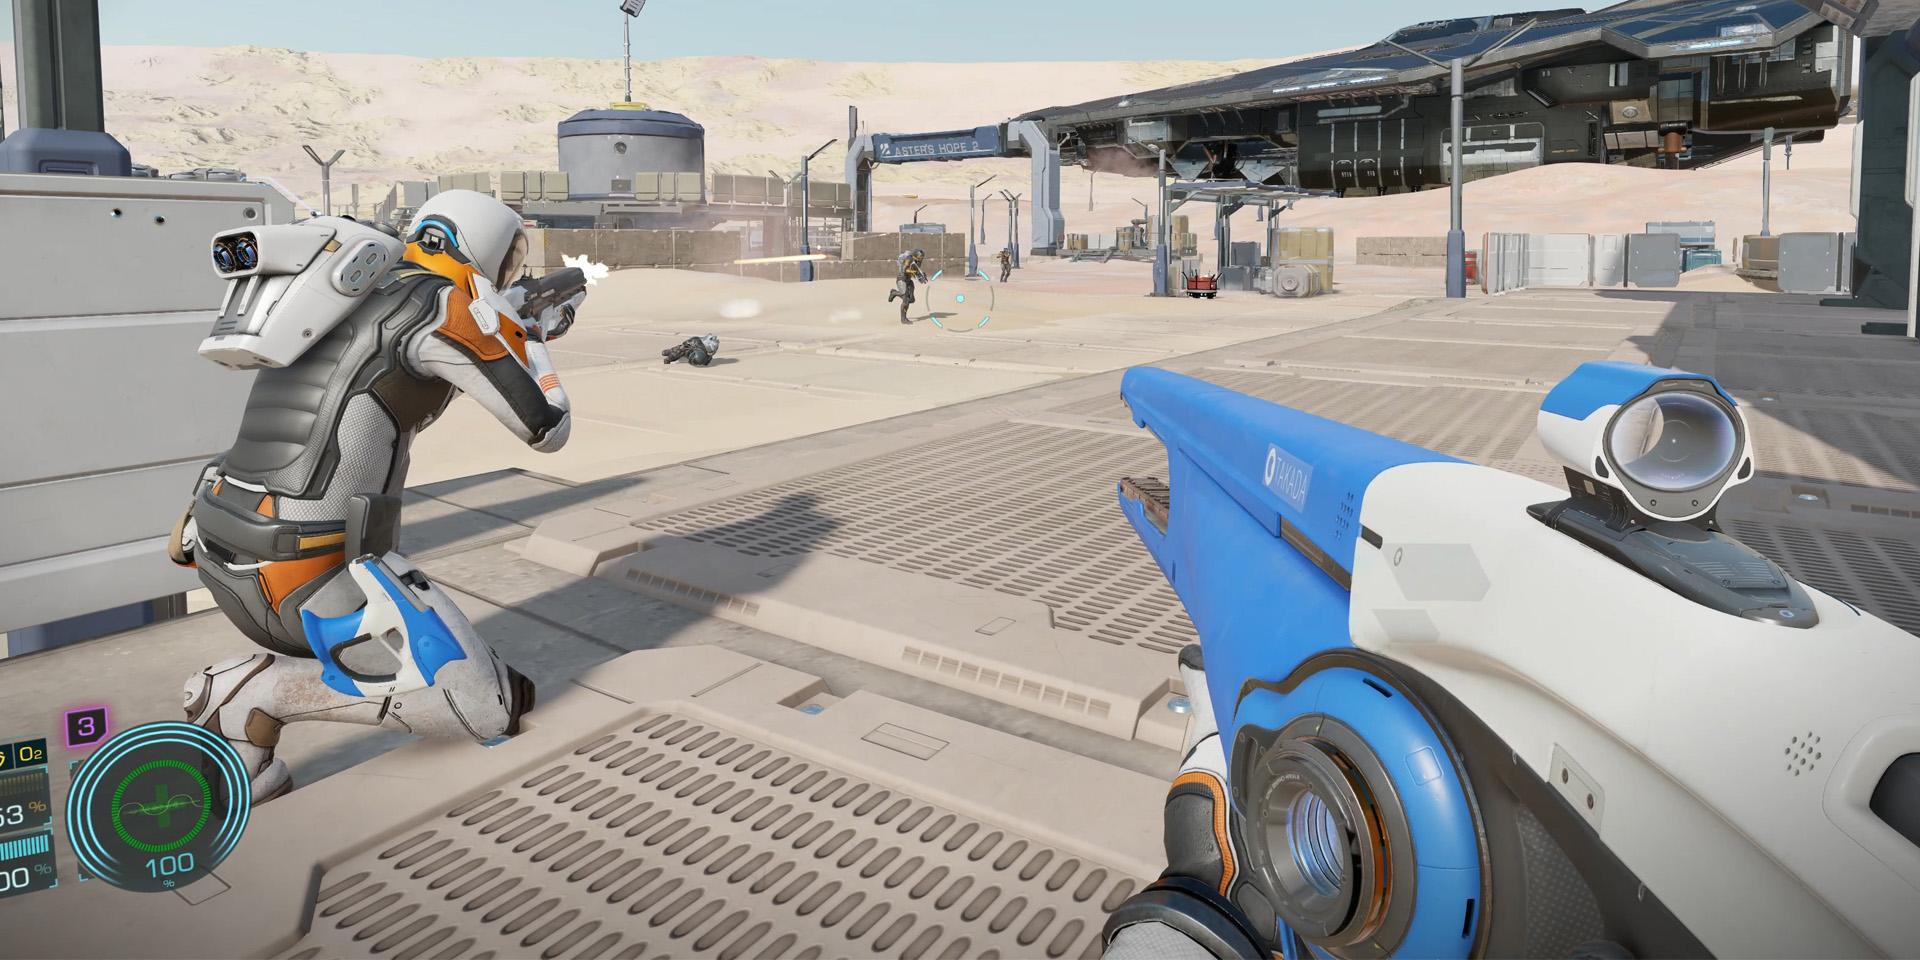 MMO-индустрия: В Elite показали наземную миссию, стримеры высадились в Pantheon, а игроки EVE сделали ролик о монетизации себя